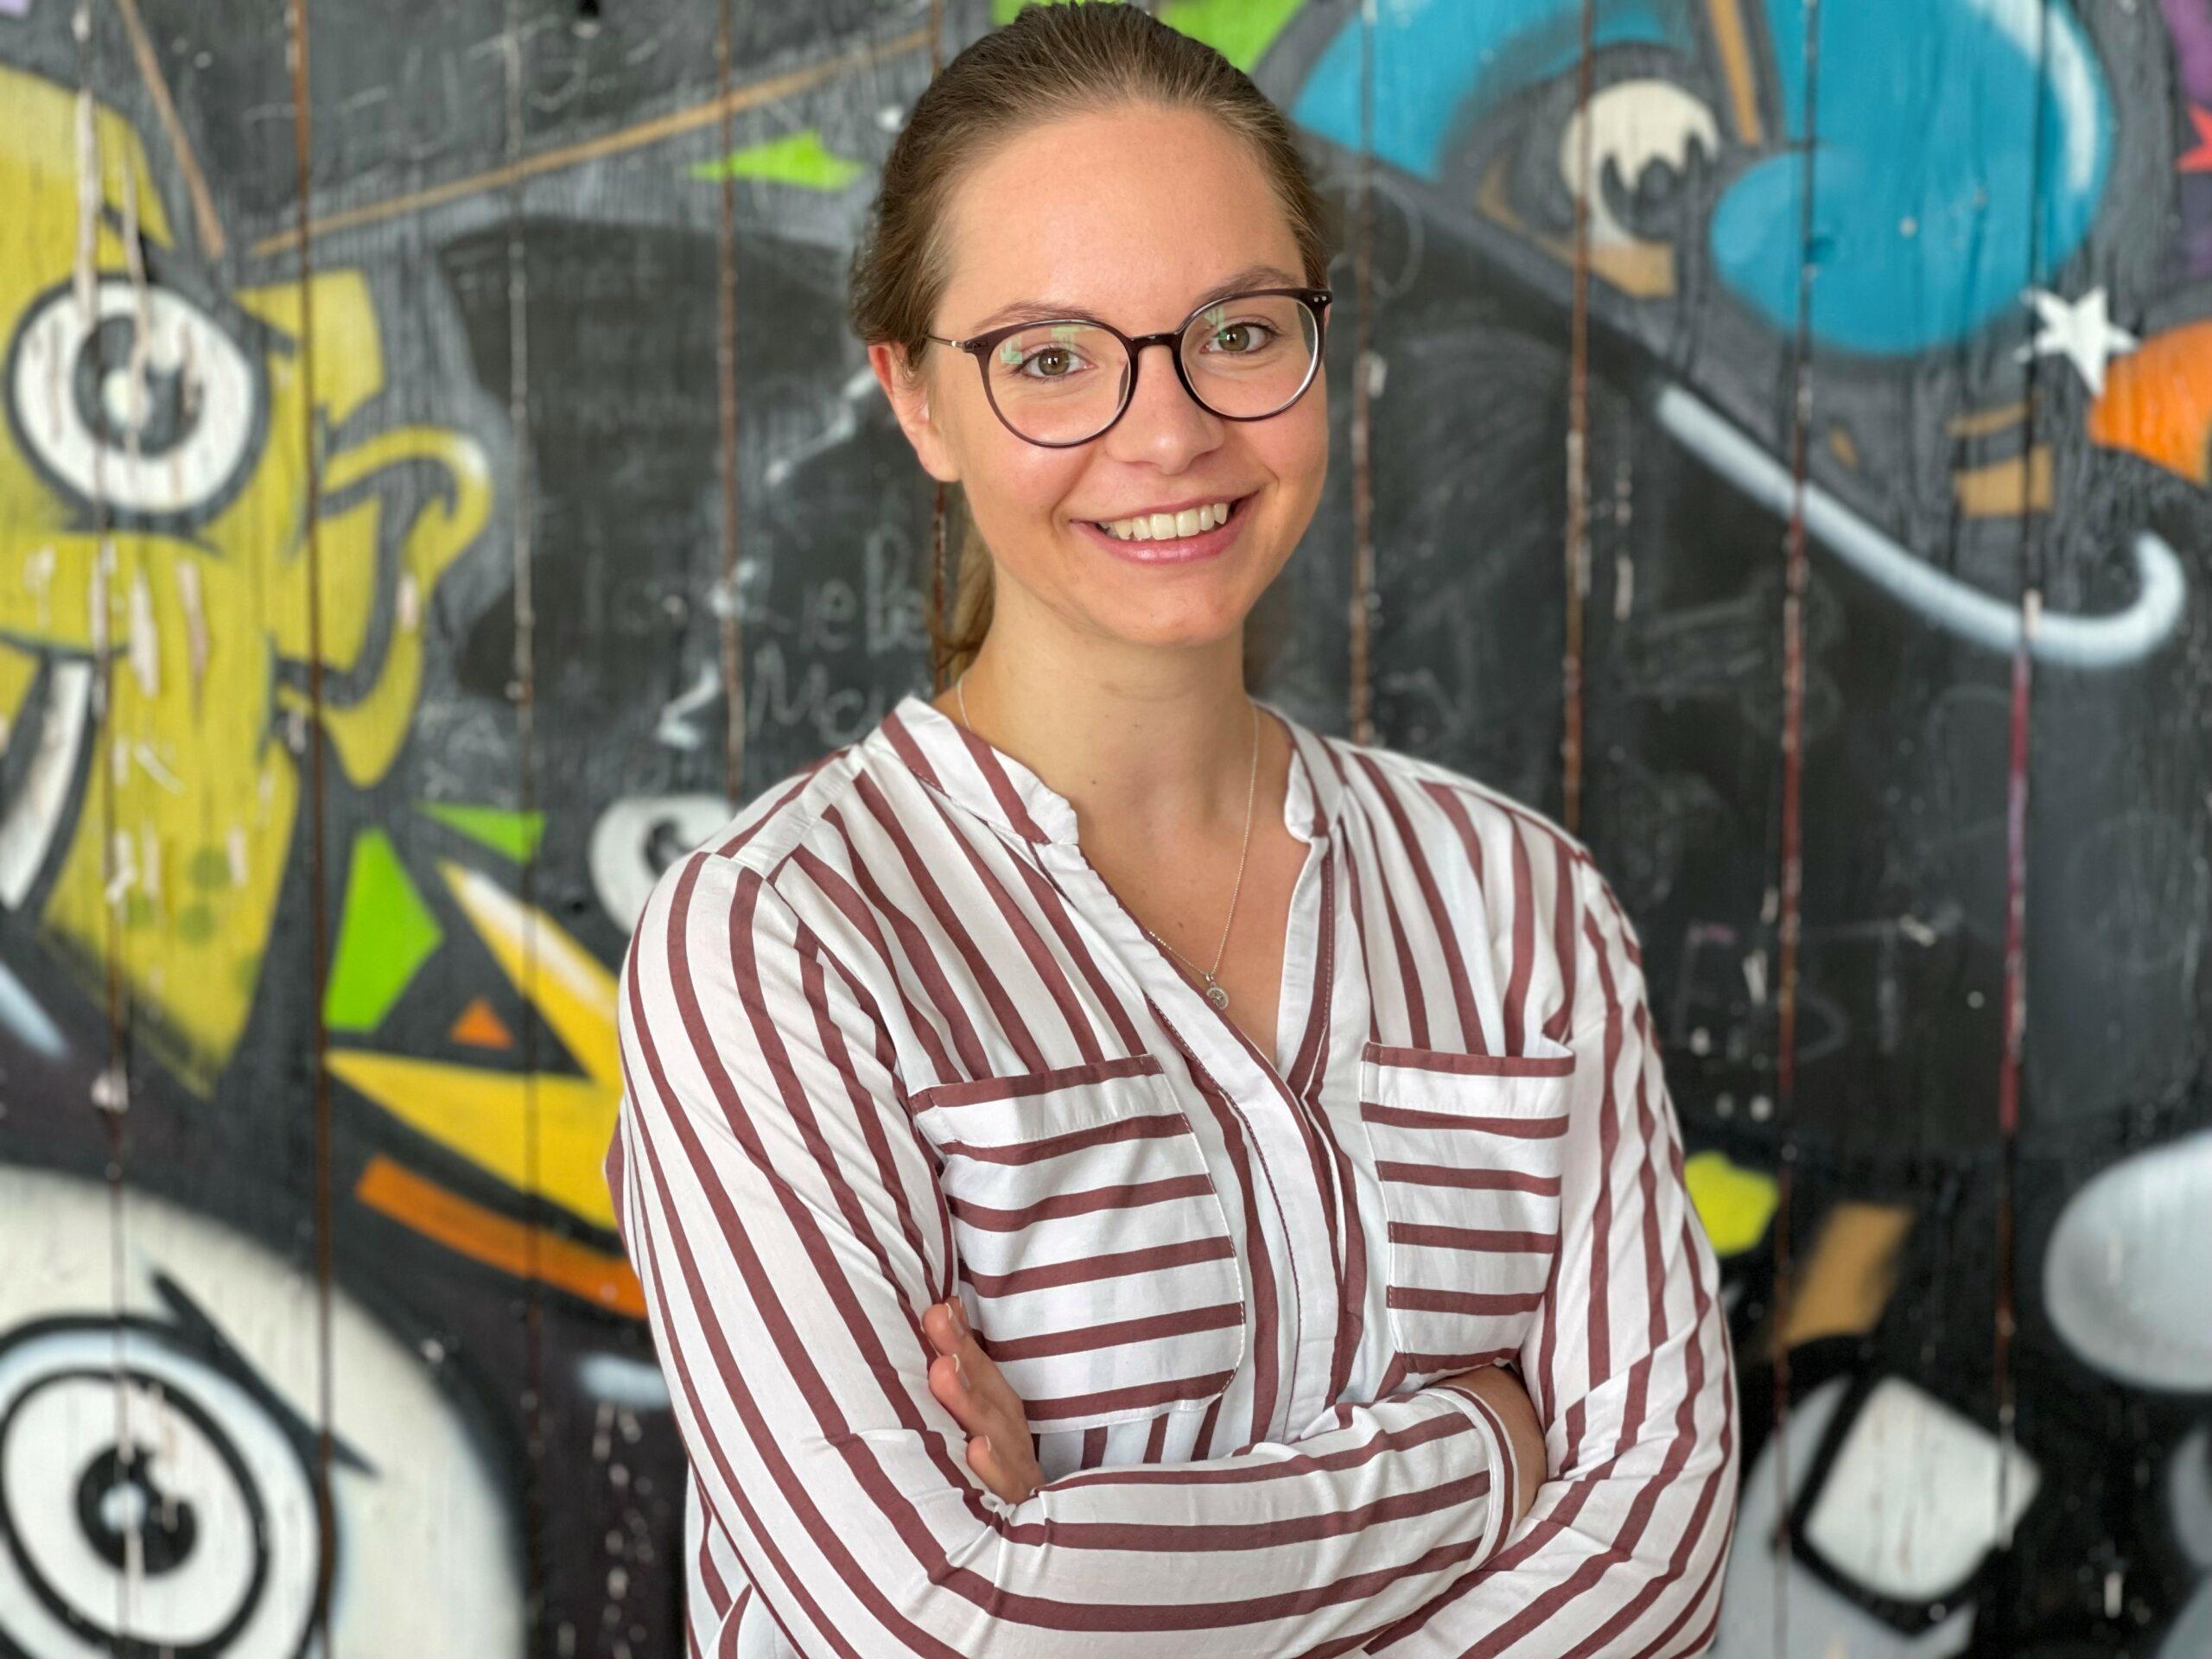 Unsere duale Studentin Sophia Schaufler im letzten Semester